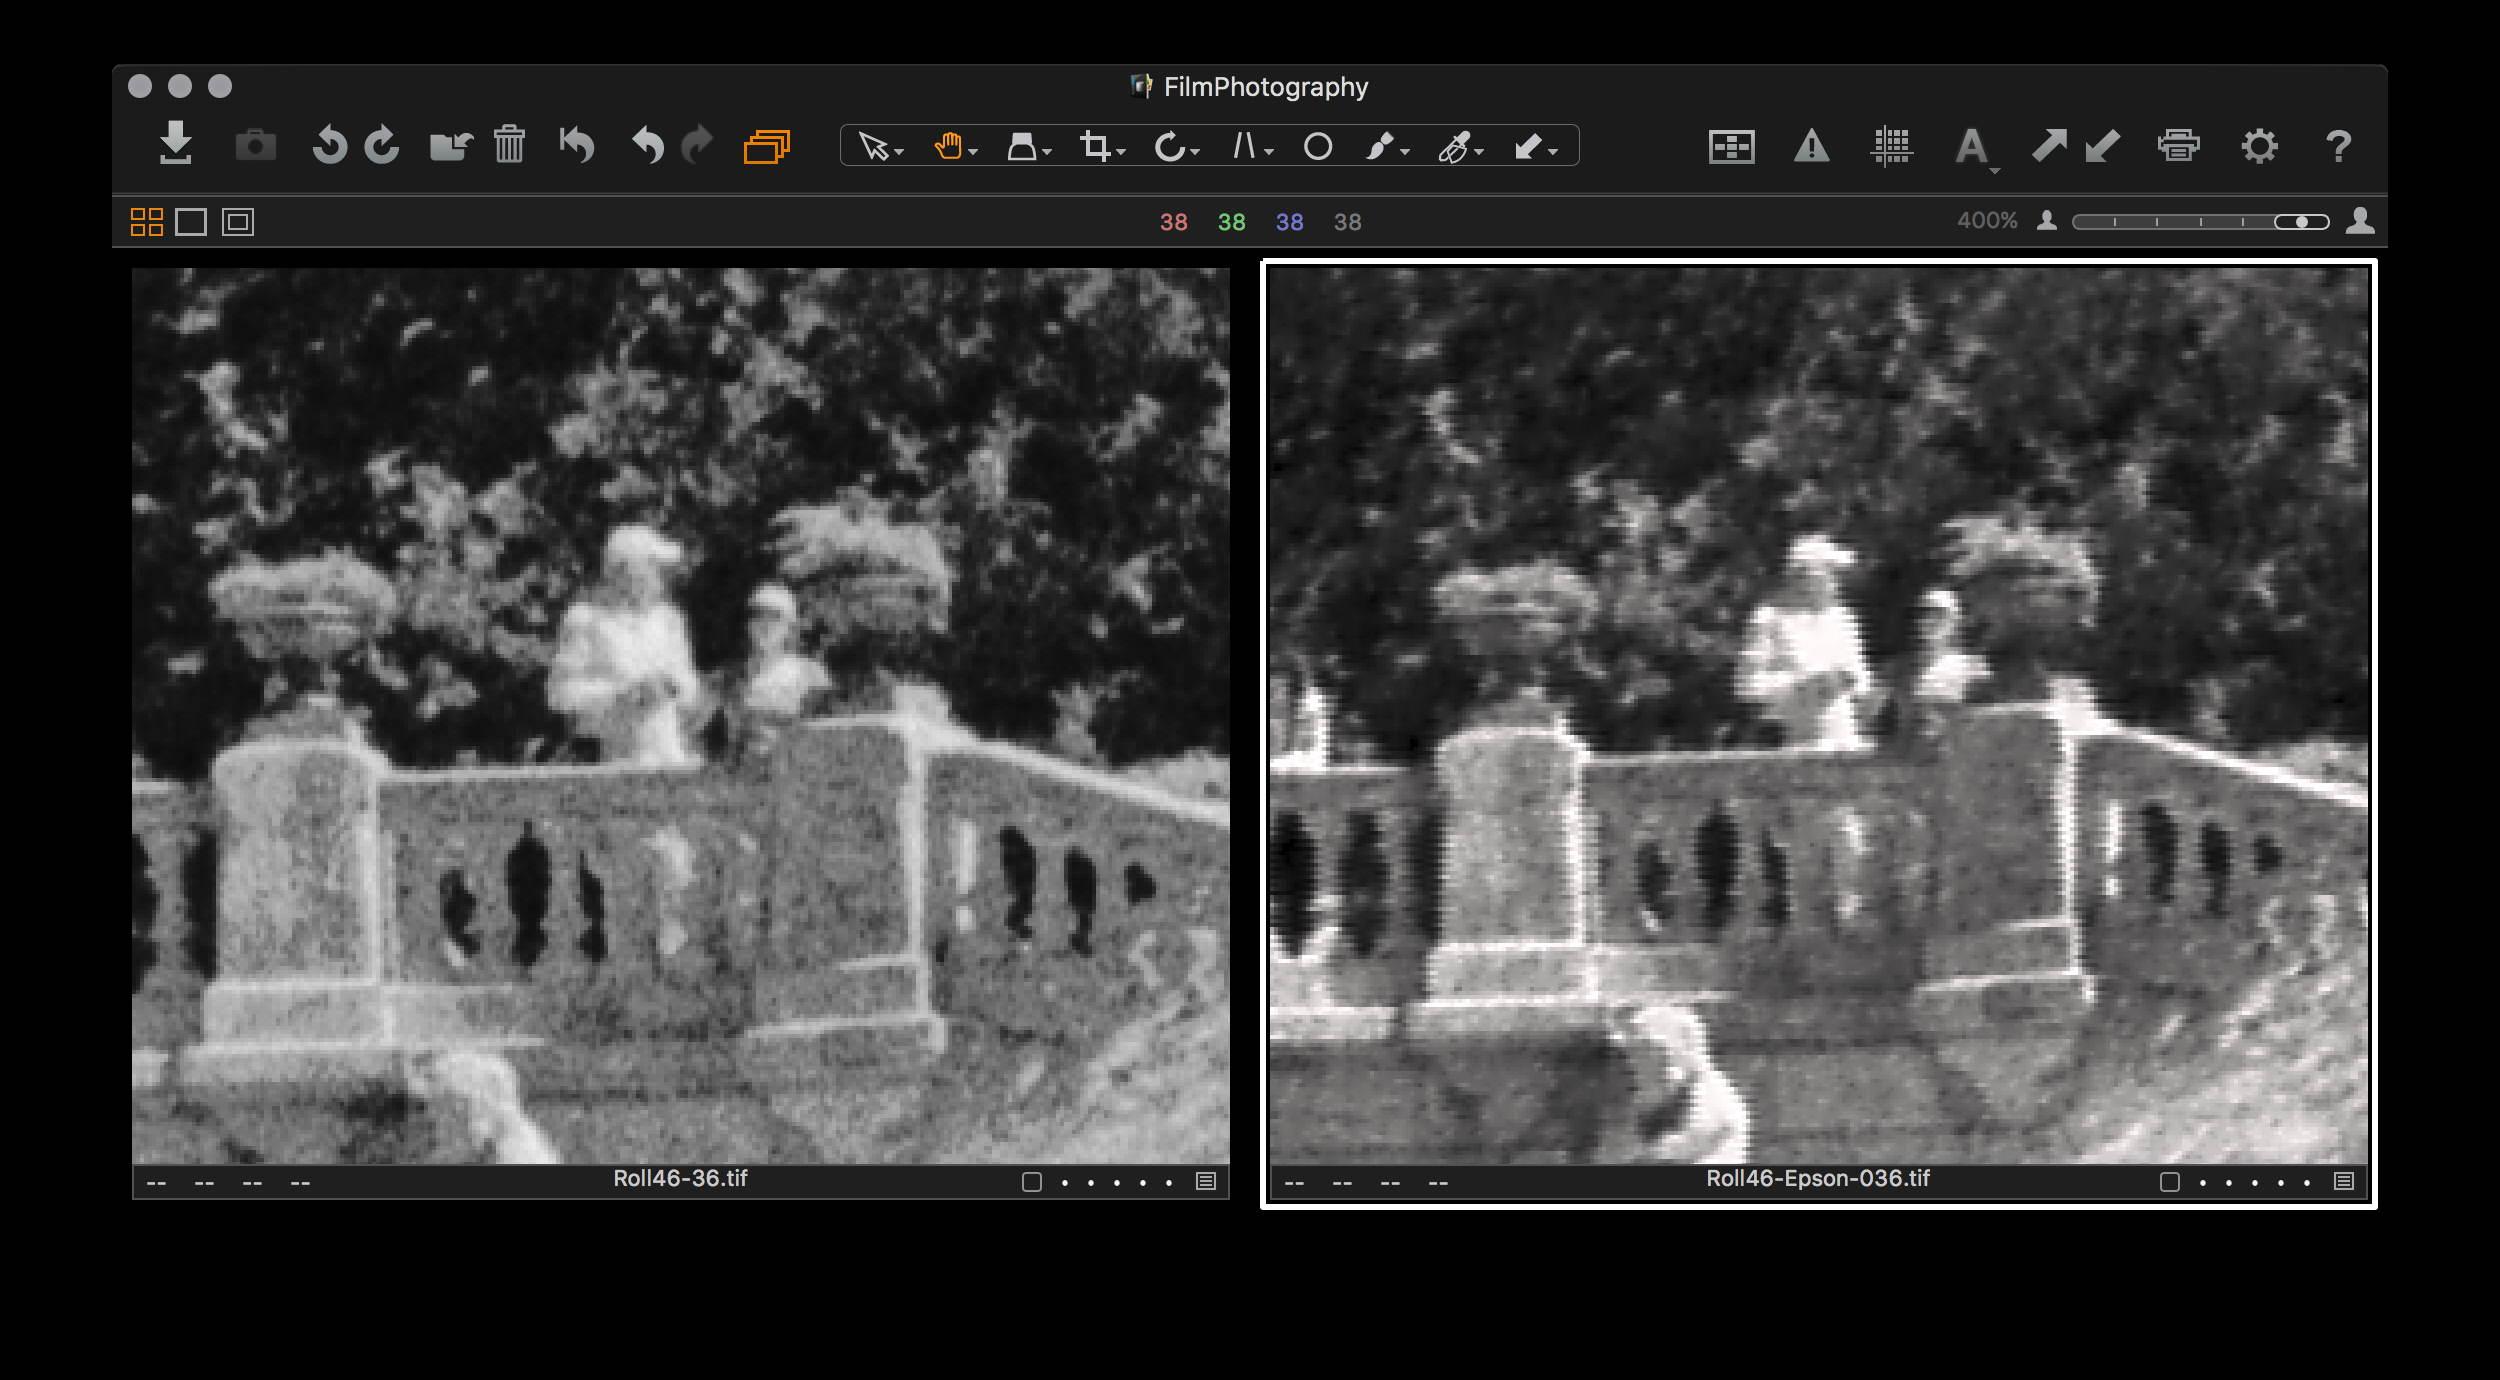 Epson v850 scanning artefacts? [Archive] - Rangefinderforum com